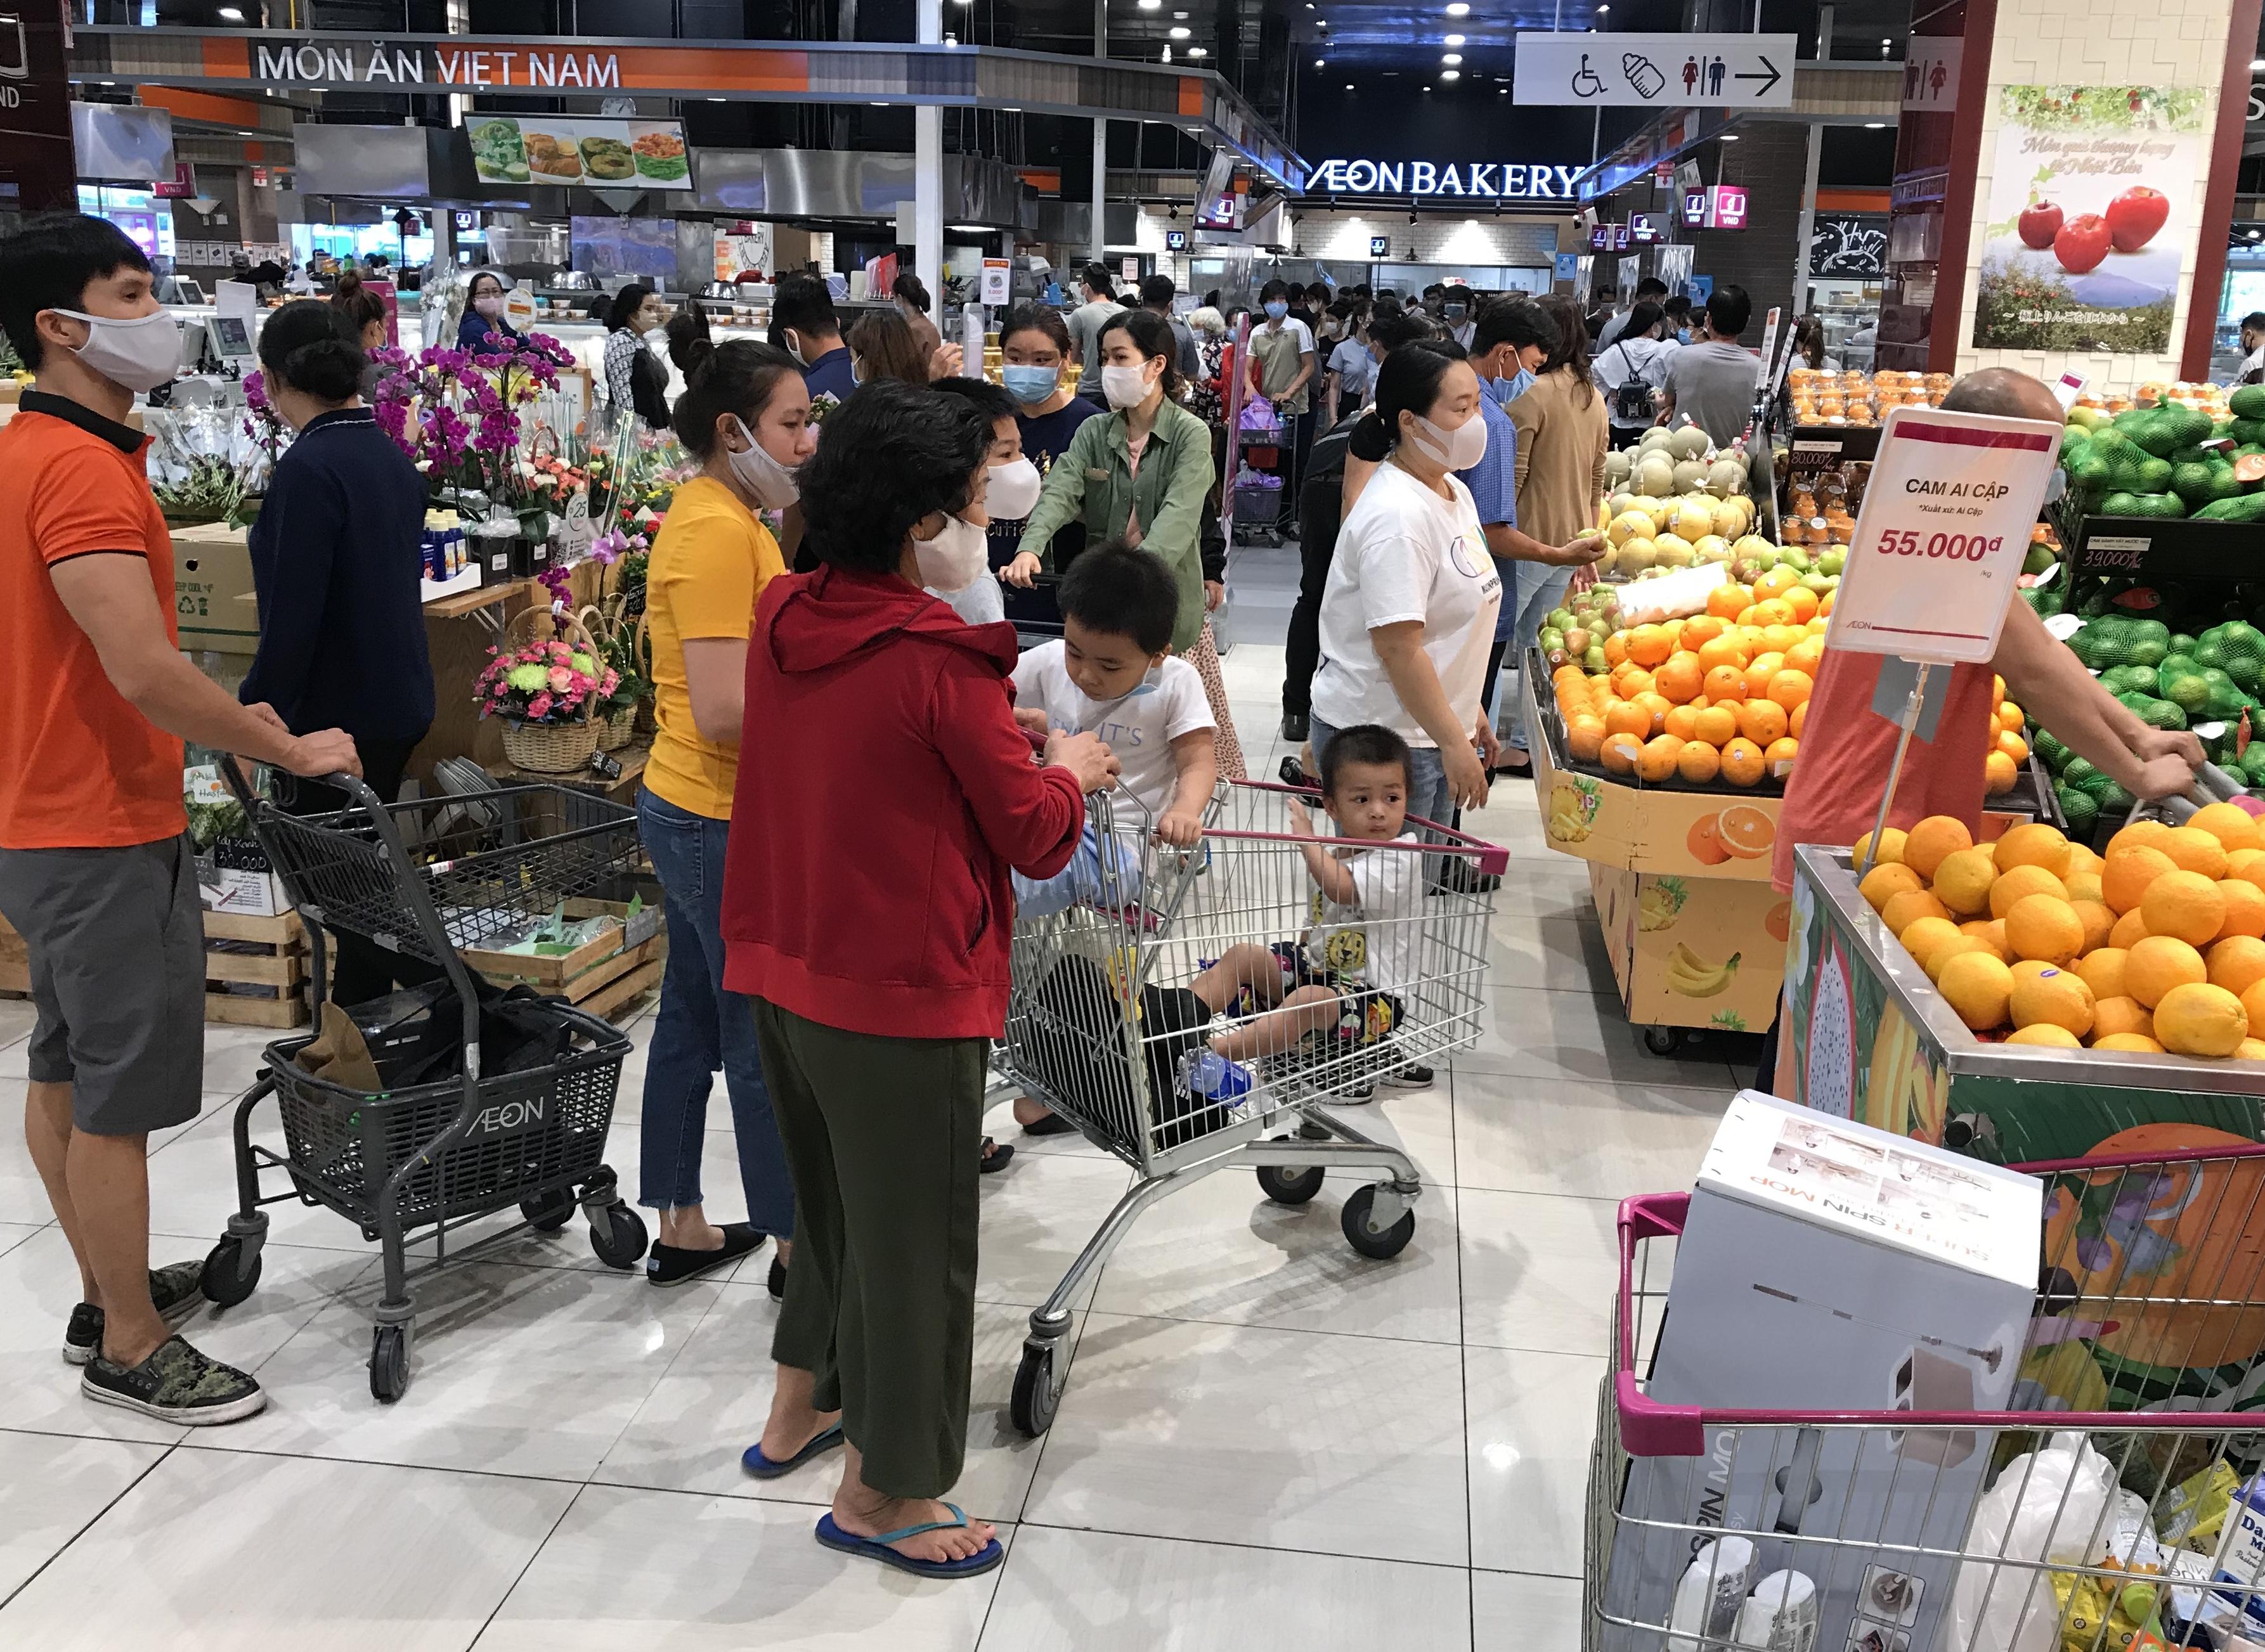 Siêu thị đông đúc cuối tuần, người Sài Gòn mua thịt heo, hải sản giảm giá đến 20.000-60.000 đồng/kg ăn lễ - Ảnh 1.